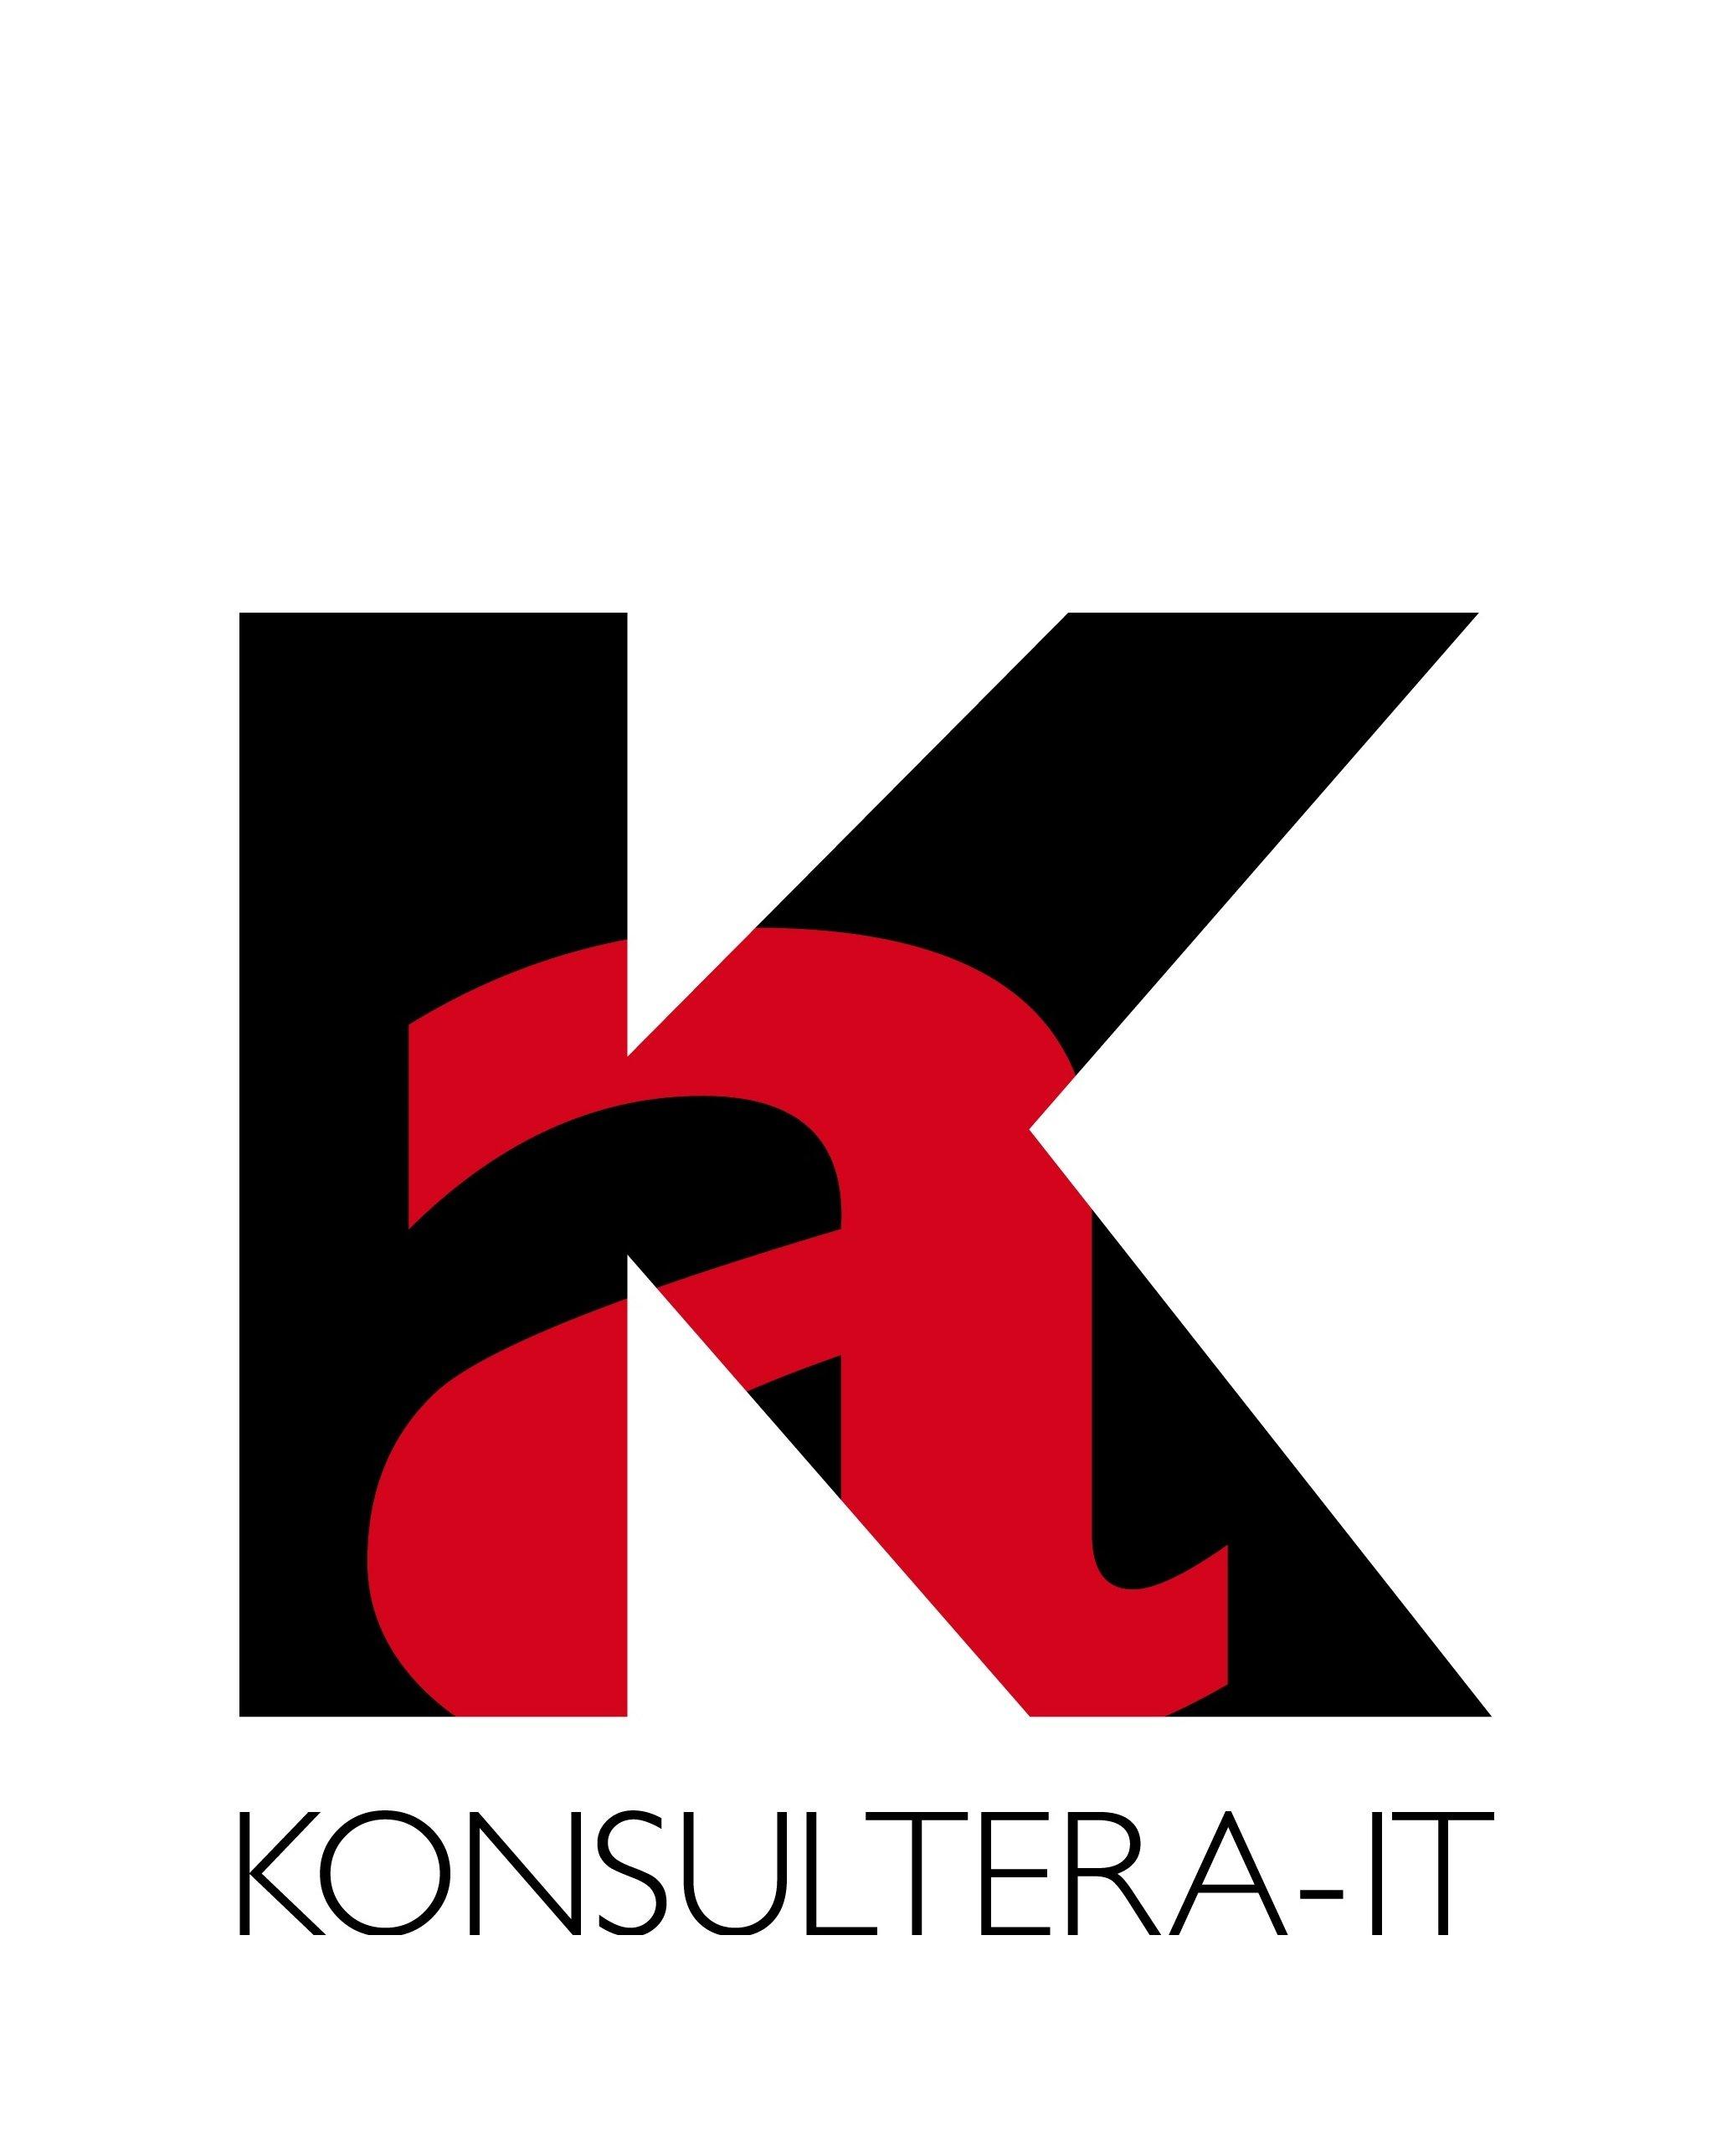 Konsultera-IT-A-Society